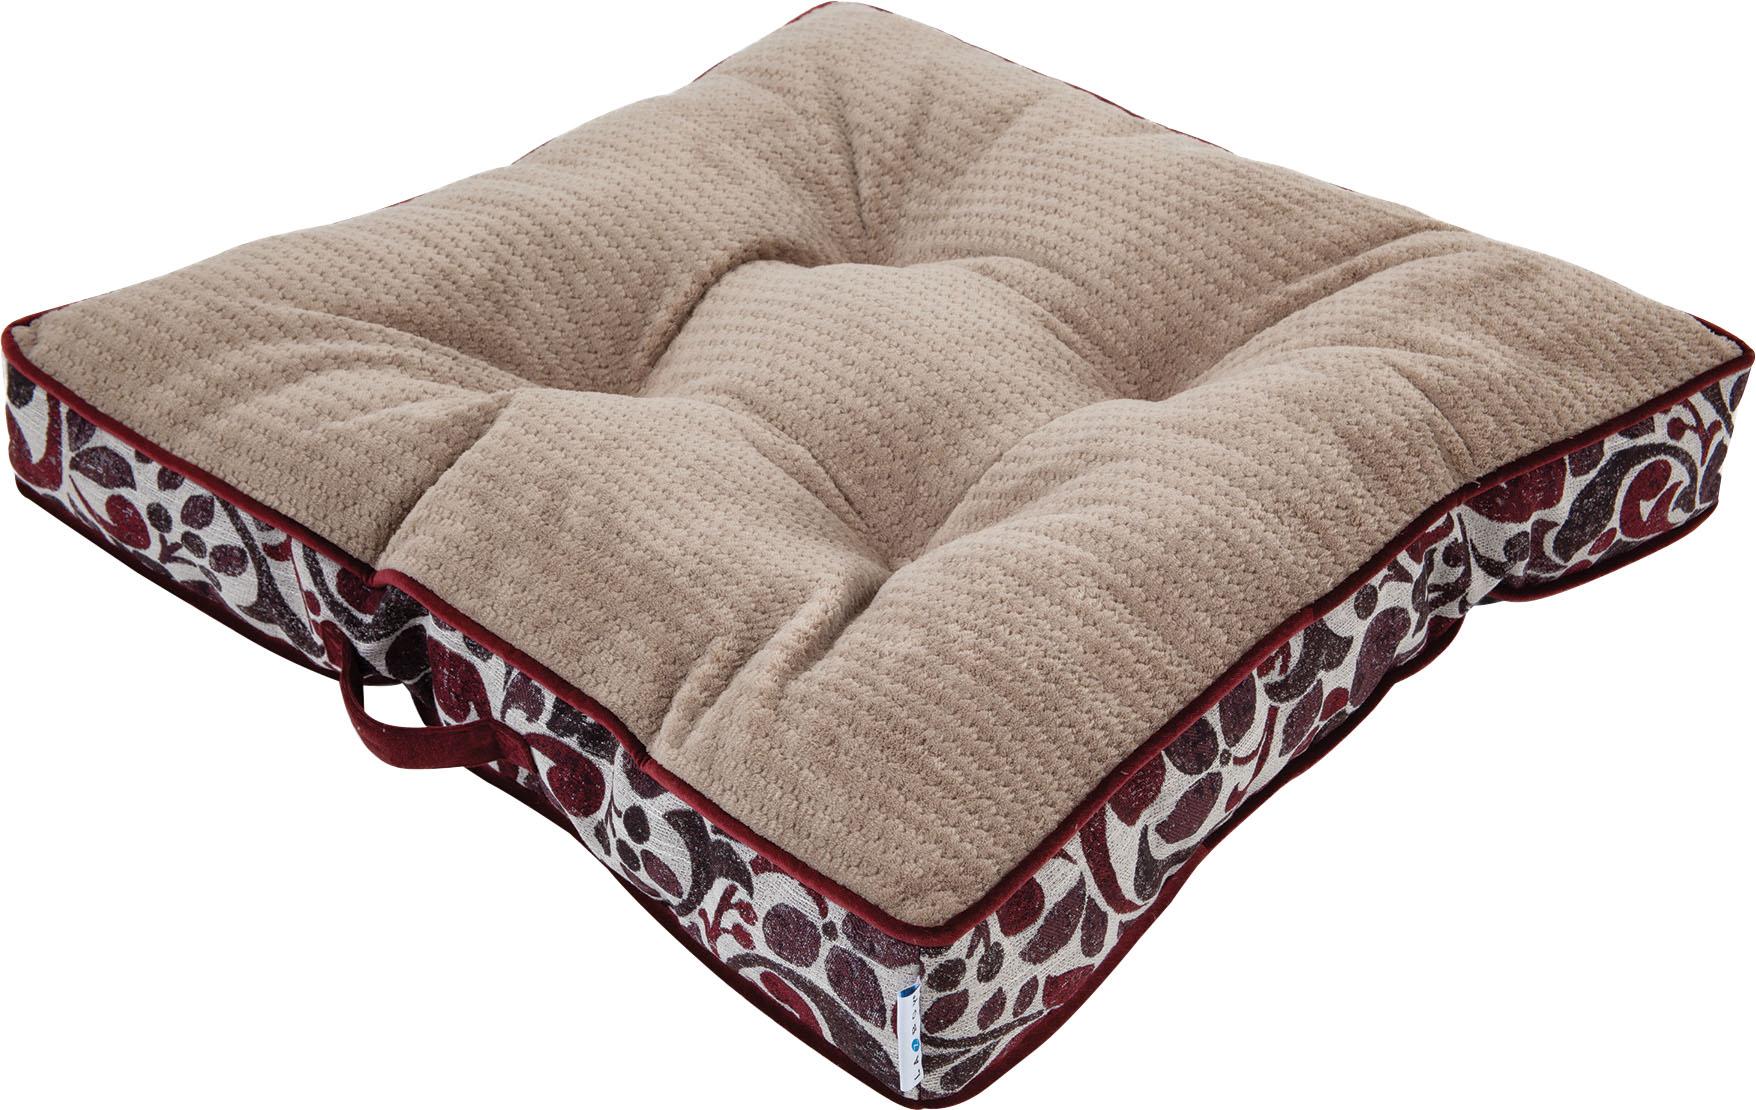 Petmate La-Z-Boy Cricket Mattress Dog Bed, 28-in x 28-in